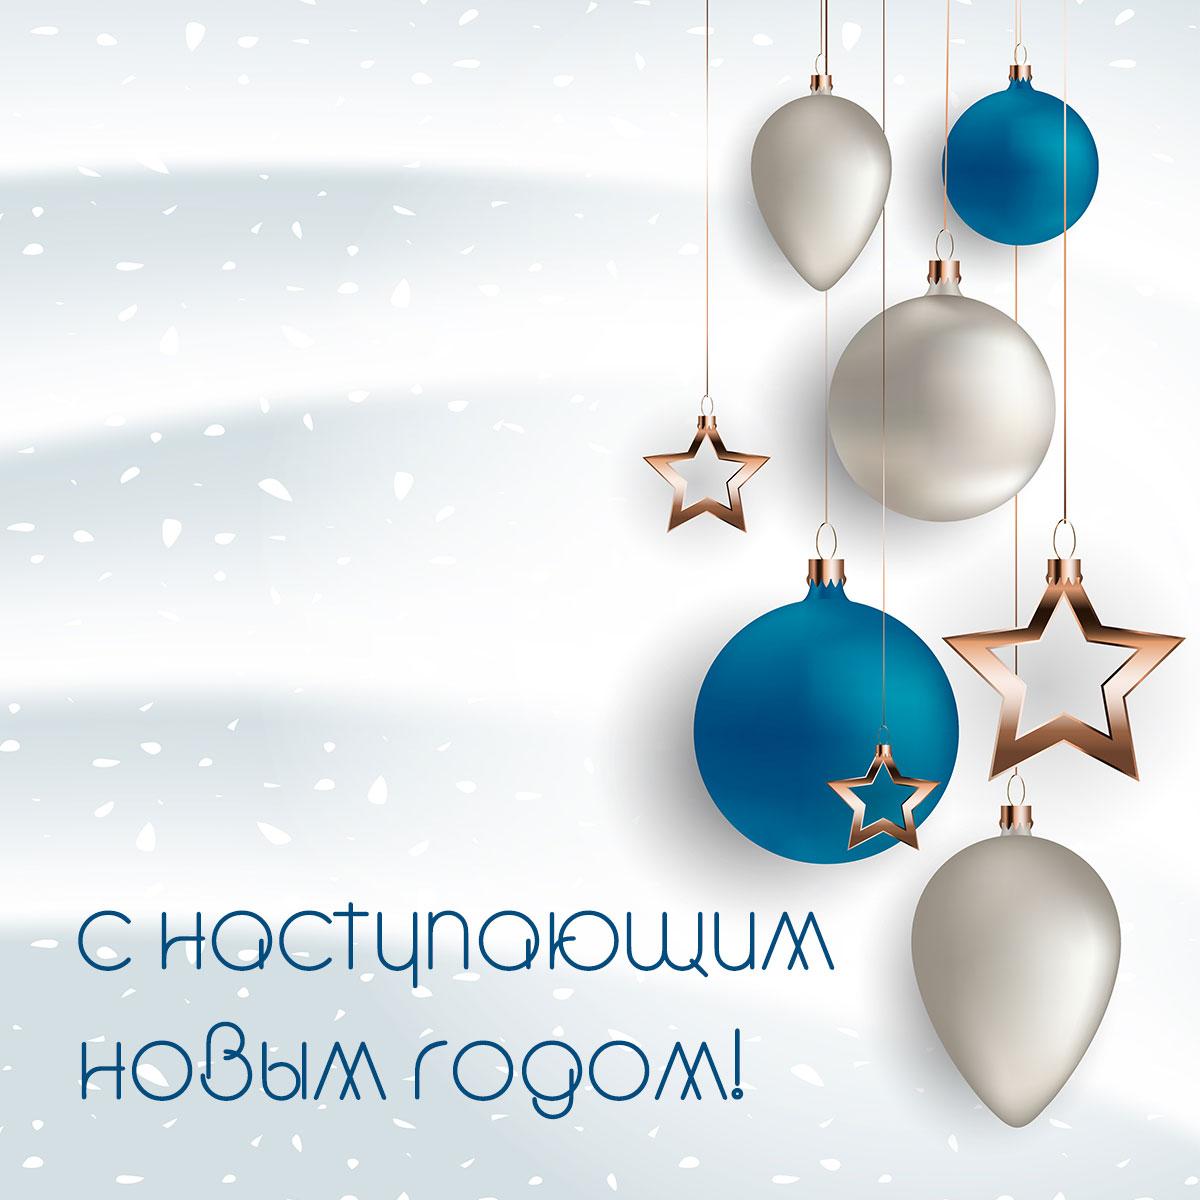 Картинка с текстом и рождественскими украшениями.